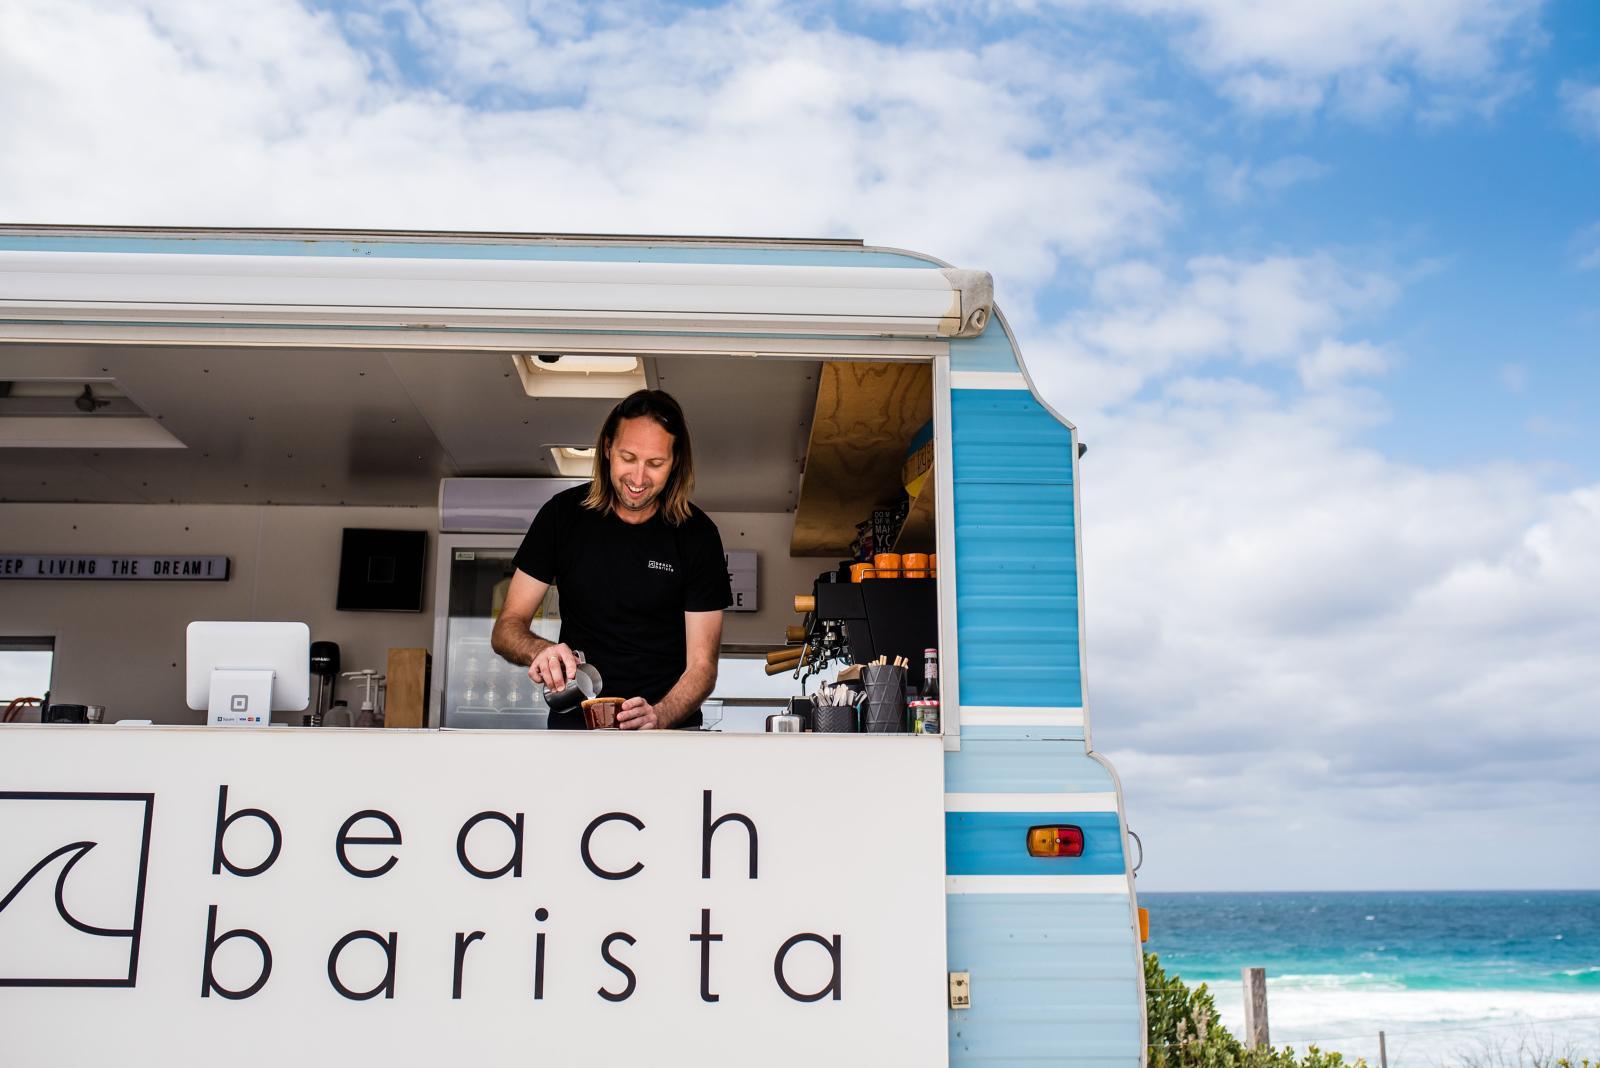 Beach Barista